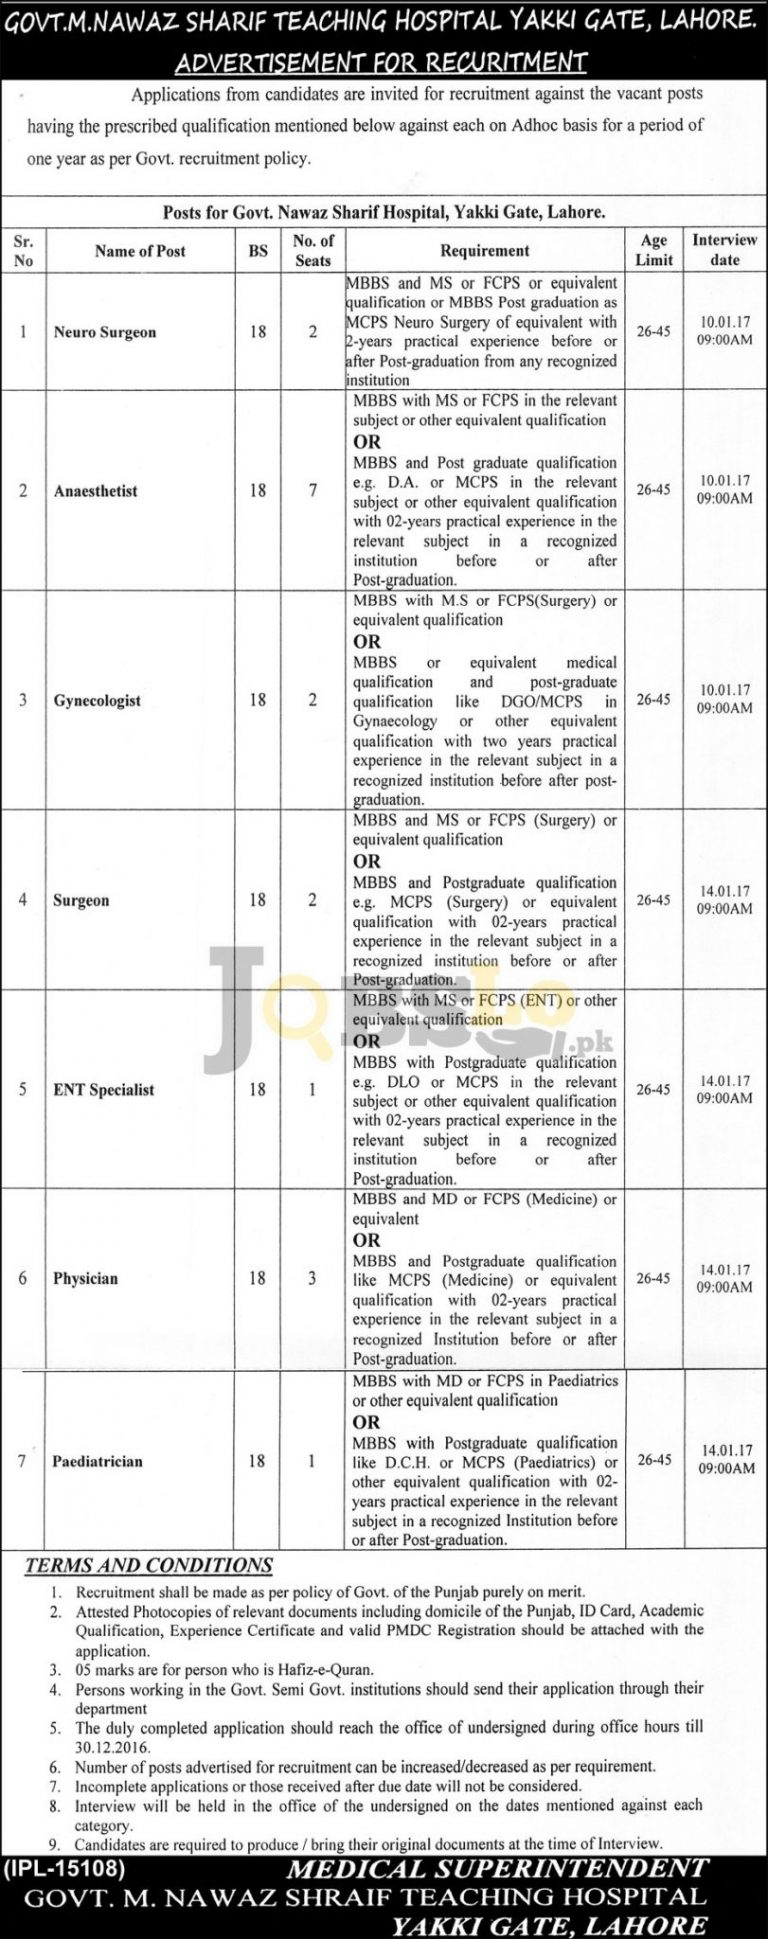 Govt M. Nawaz Sharif Teaching Hospital Lahore Jobs 2016-2017 Career Offers